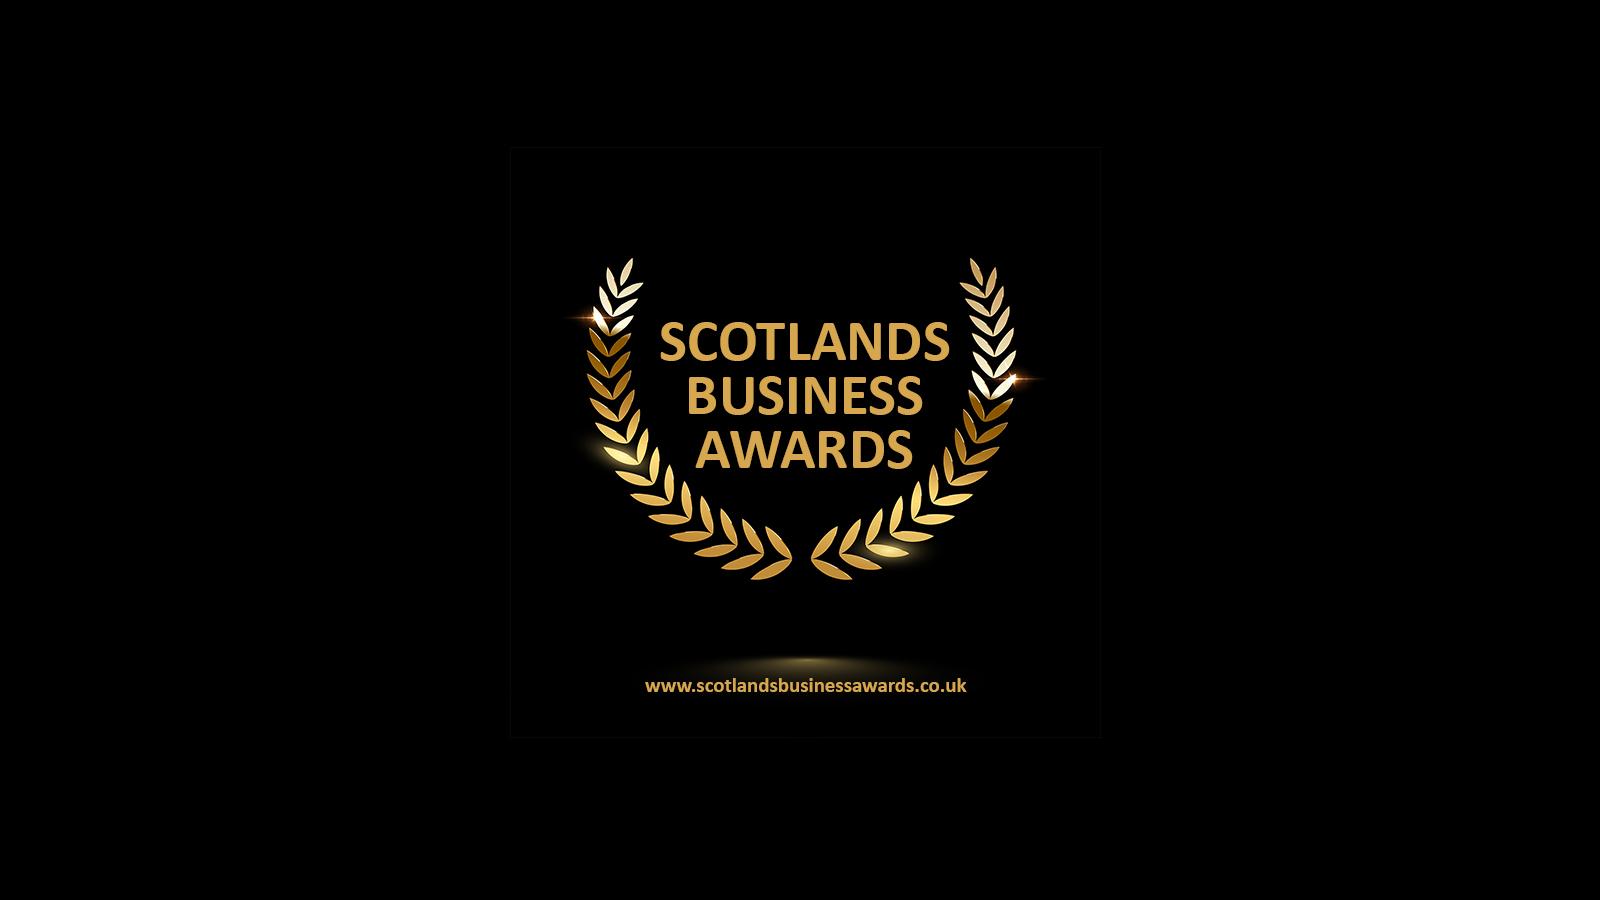 scotlands business awards 2021 logo